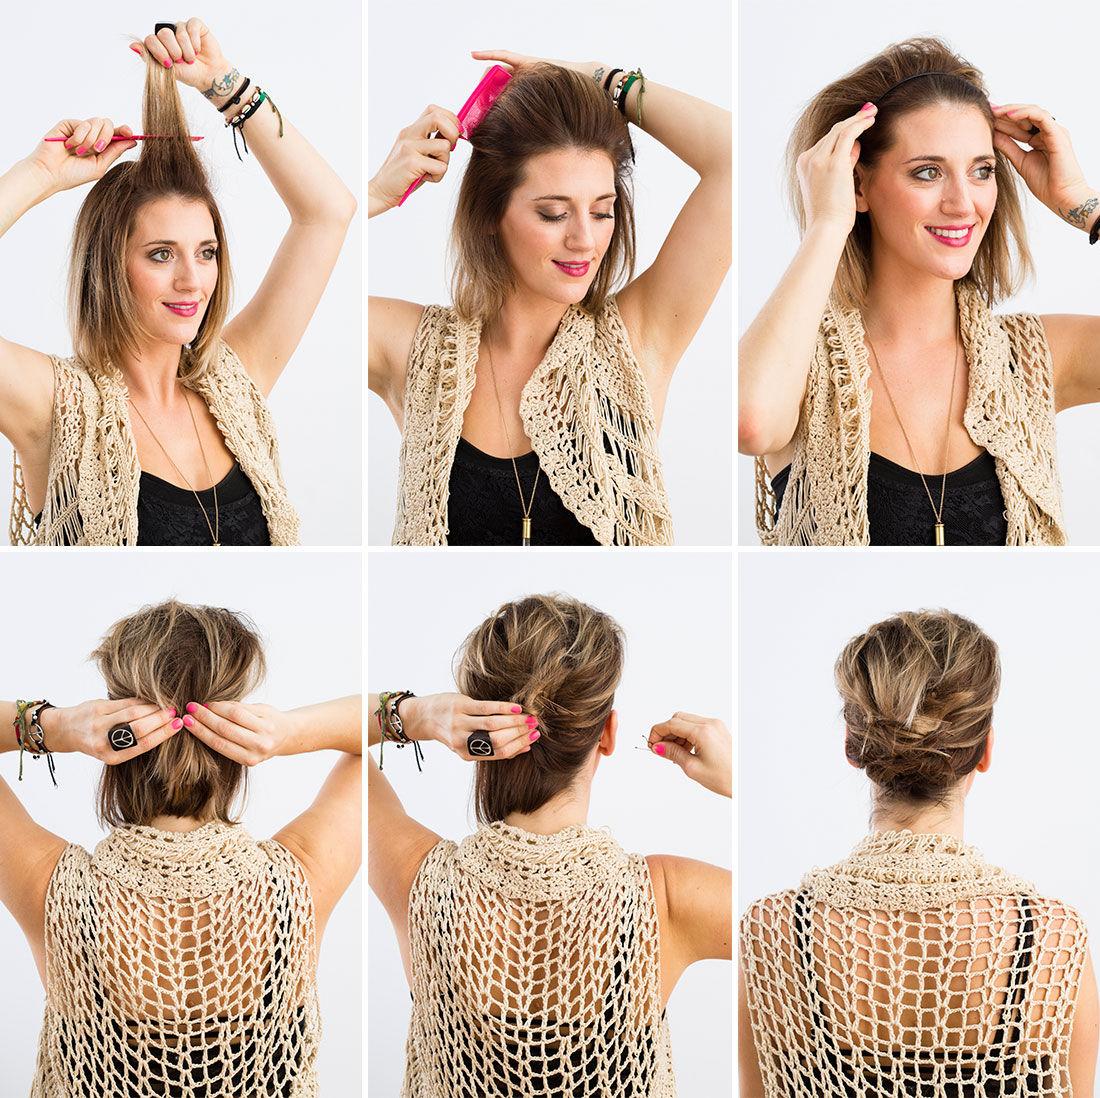 Причёски на короткие волосы на каждый день своими руками - DIWIS